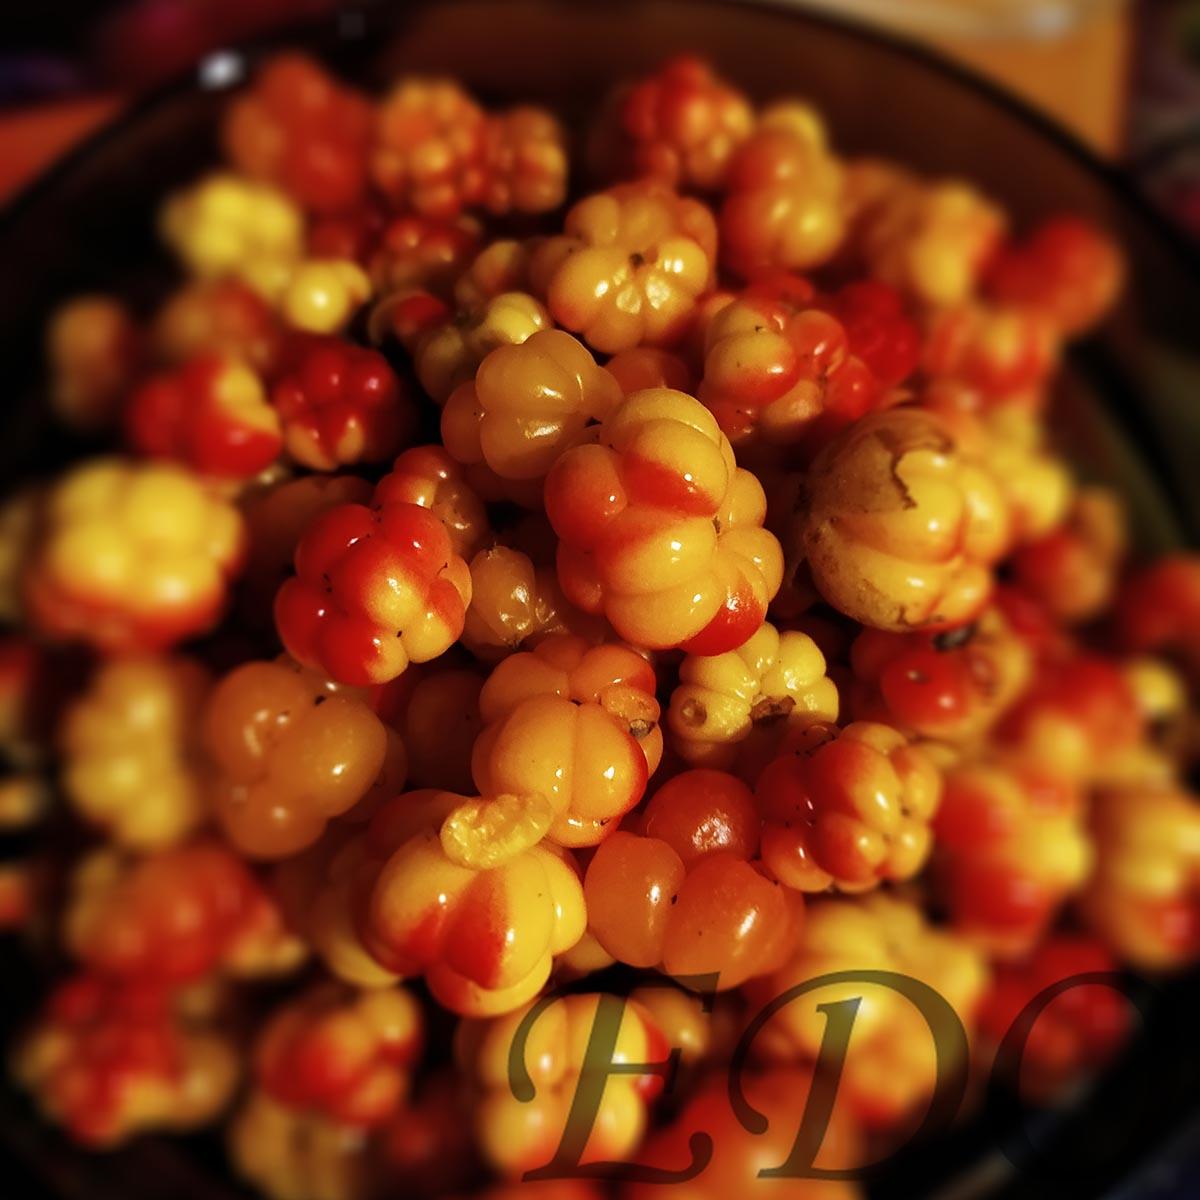 морошка чудо ягода тундры